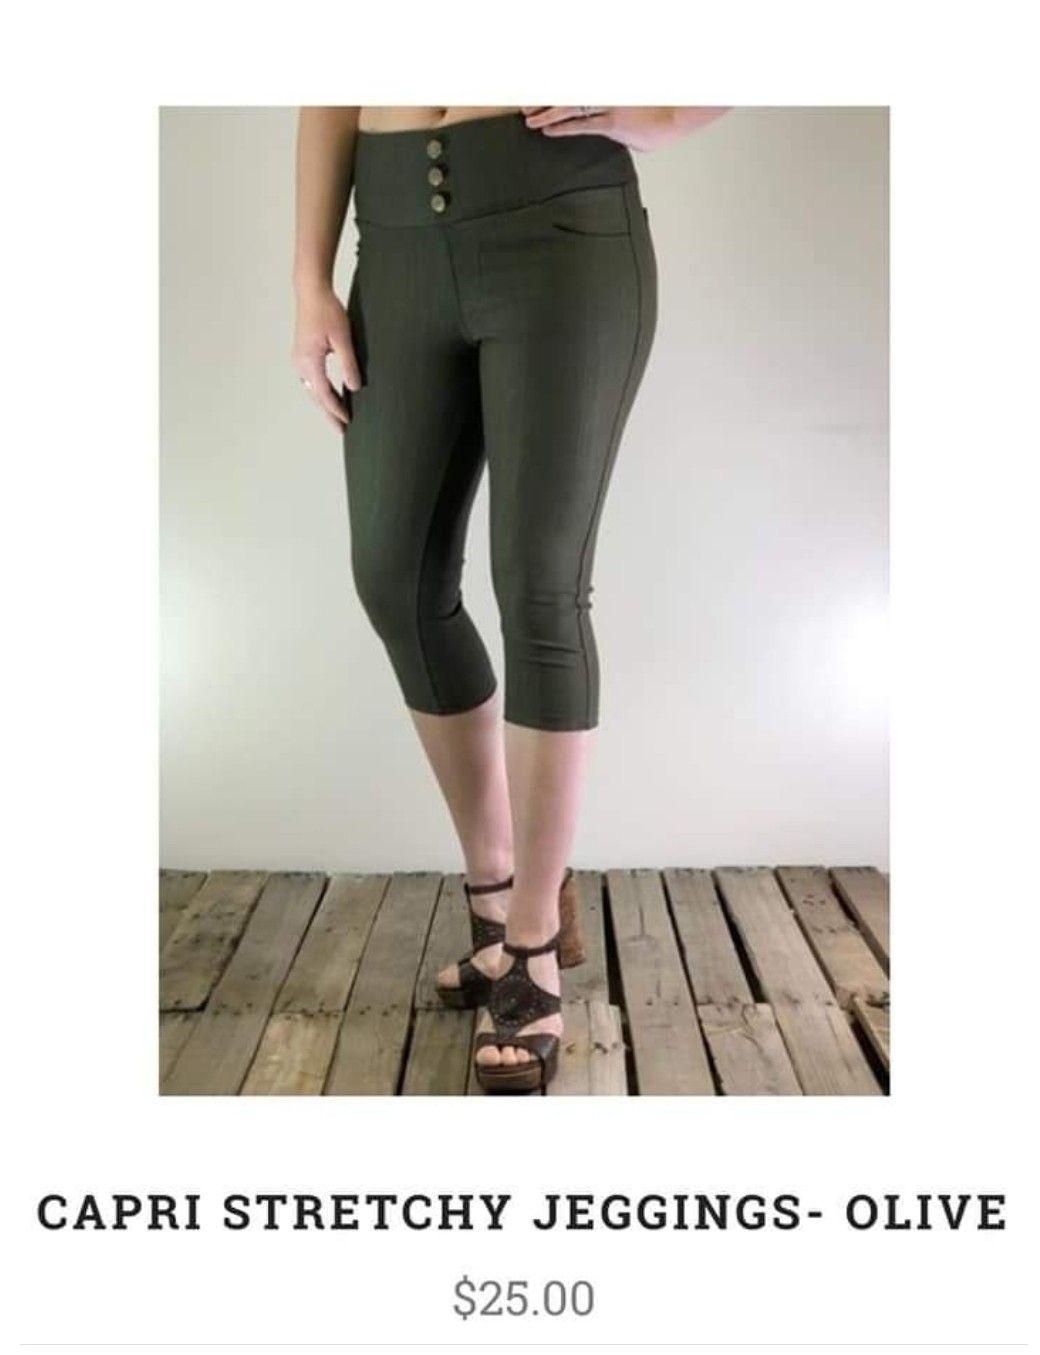 2c7d39e5eb37e Pin by Cindy on L♡ving on my leggings! in 2019 | Leggings, Capri ...